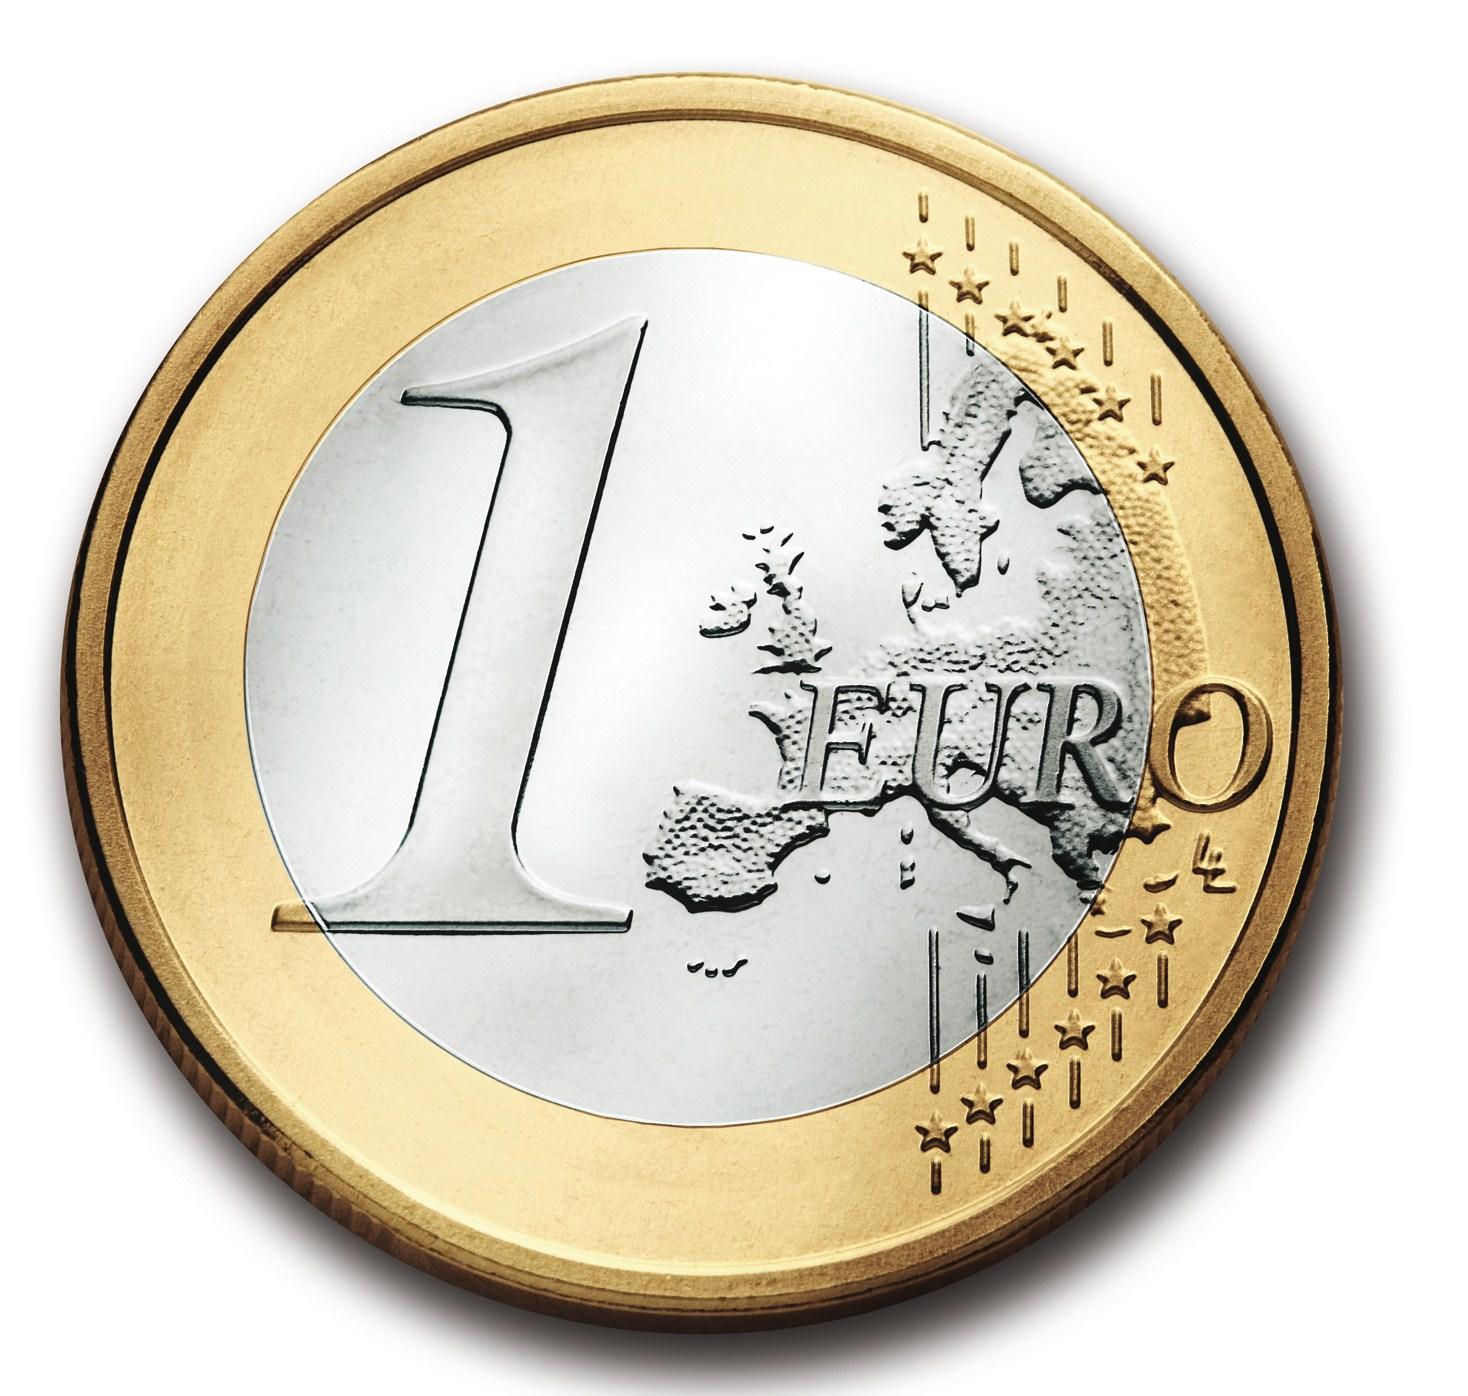 pin euro scheine mit - photo #28